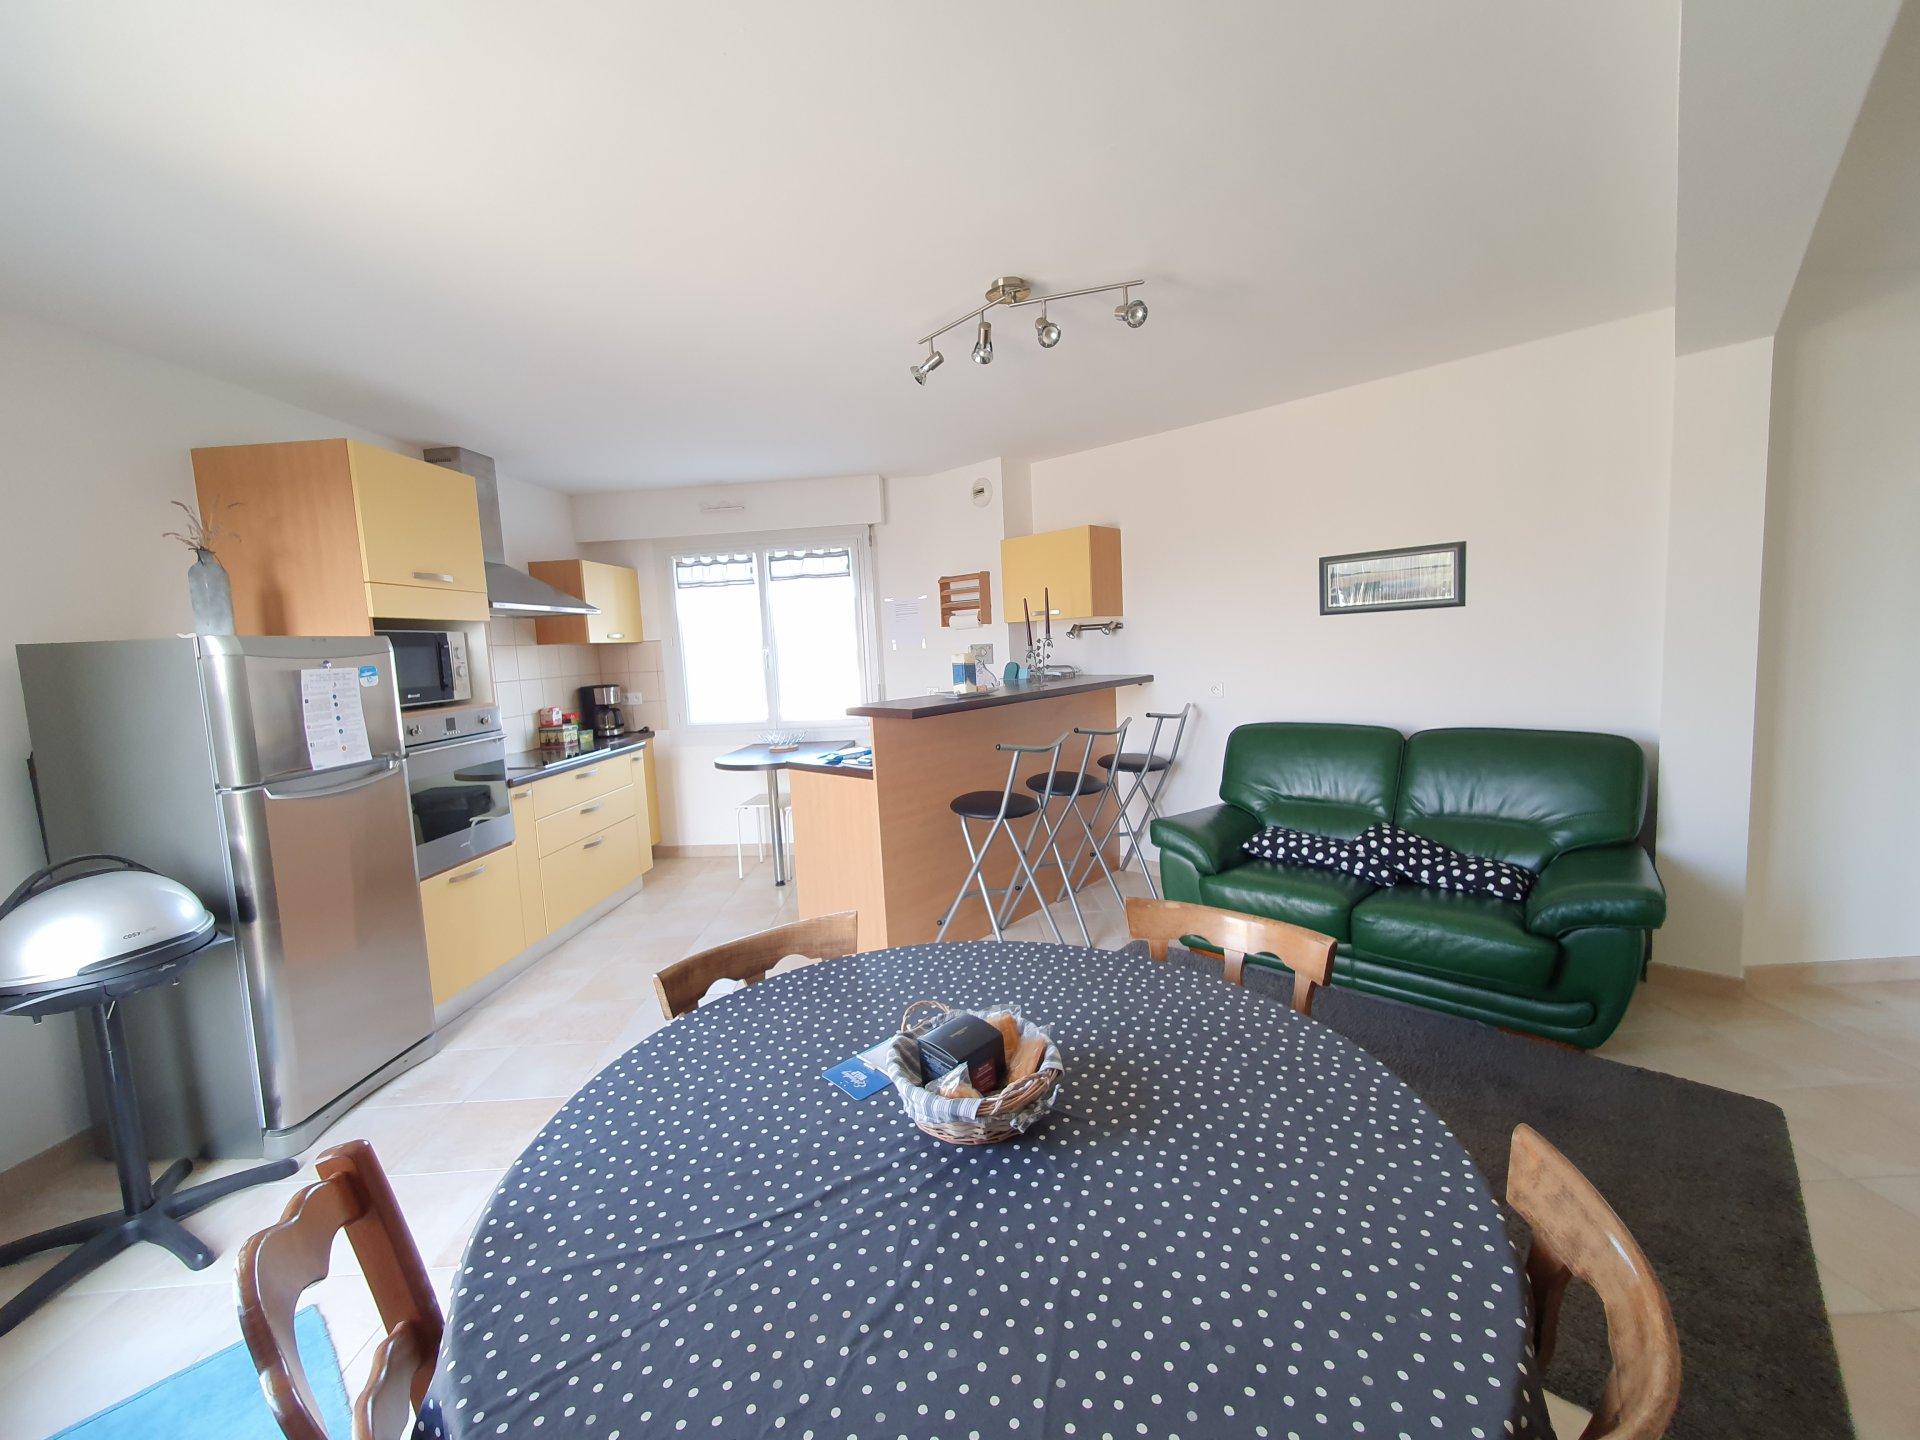 Appartement à louer à Damgan Appartement T3 offrant une vue sur la mer et rivière de Pénerf